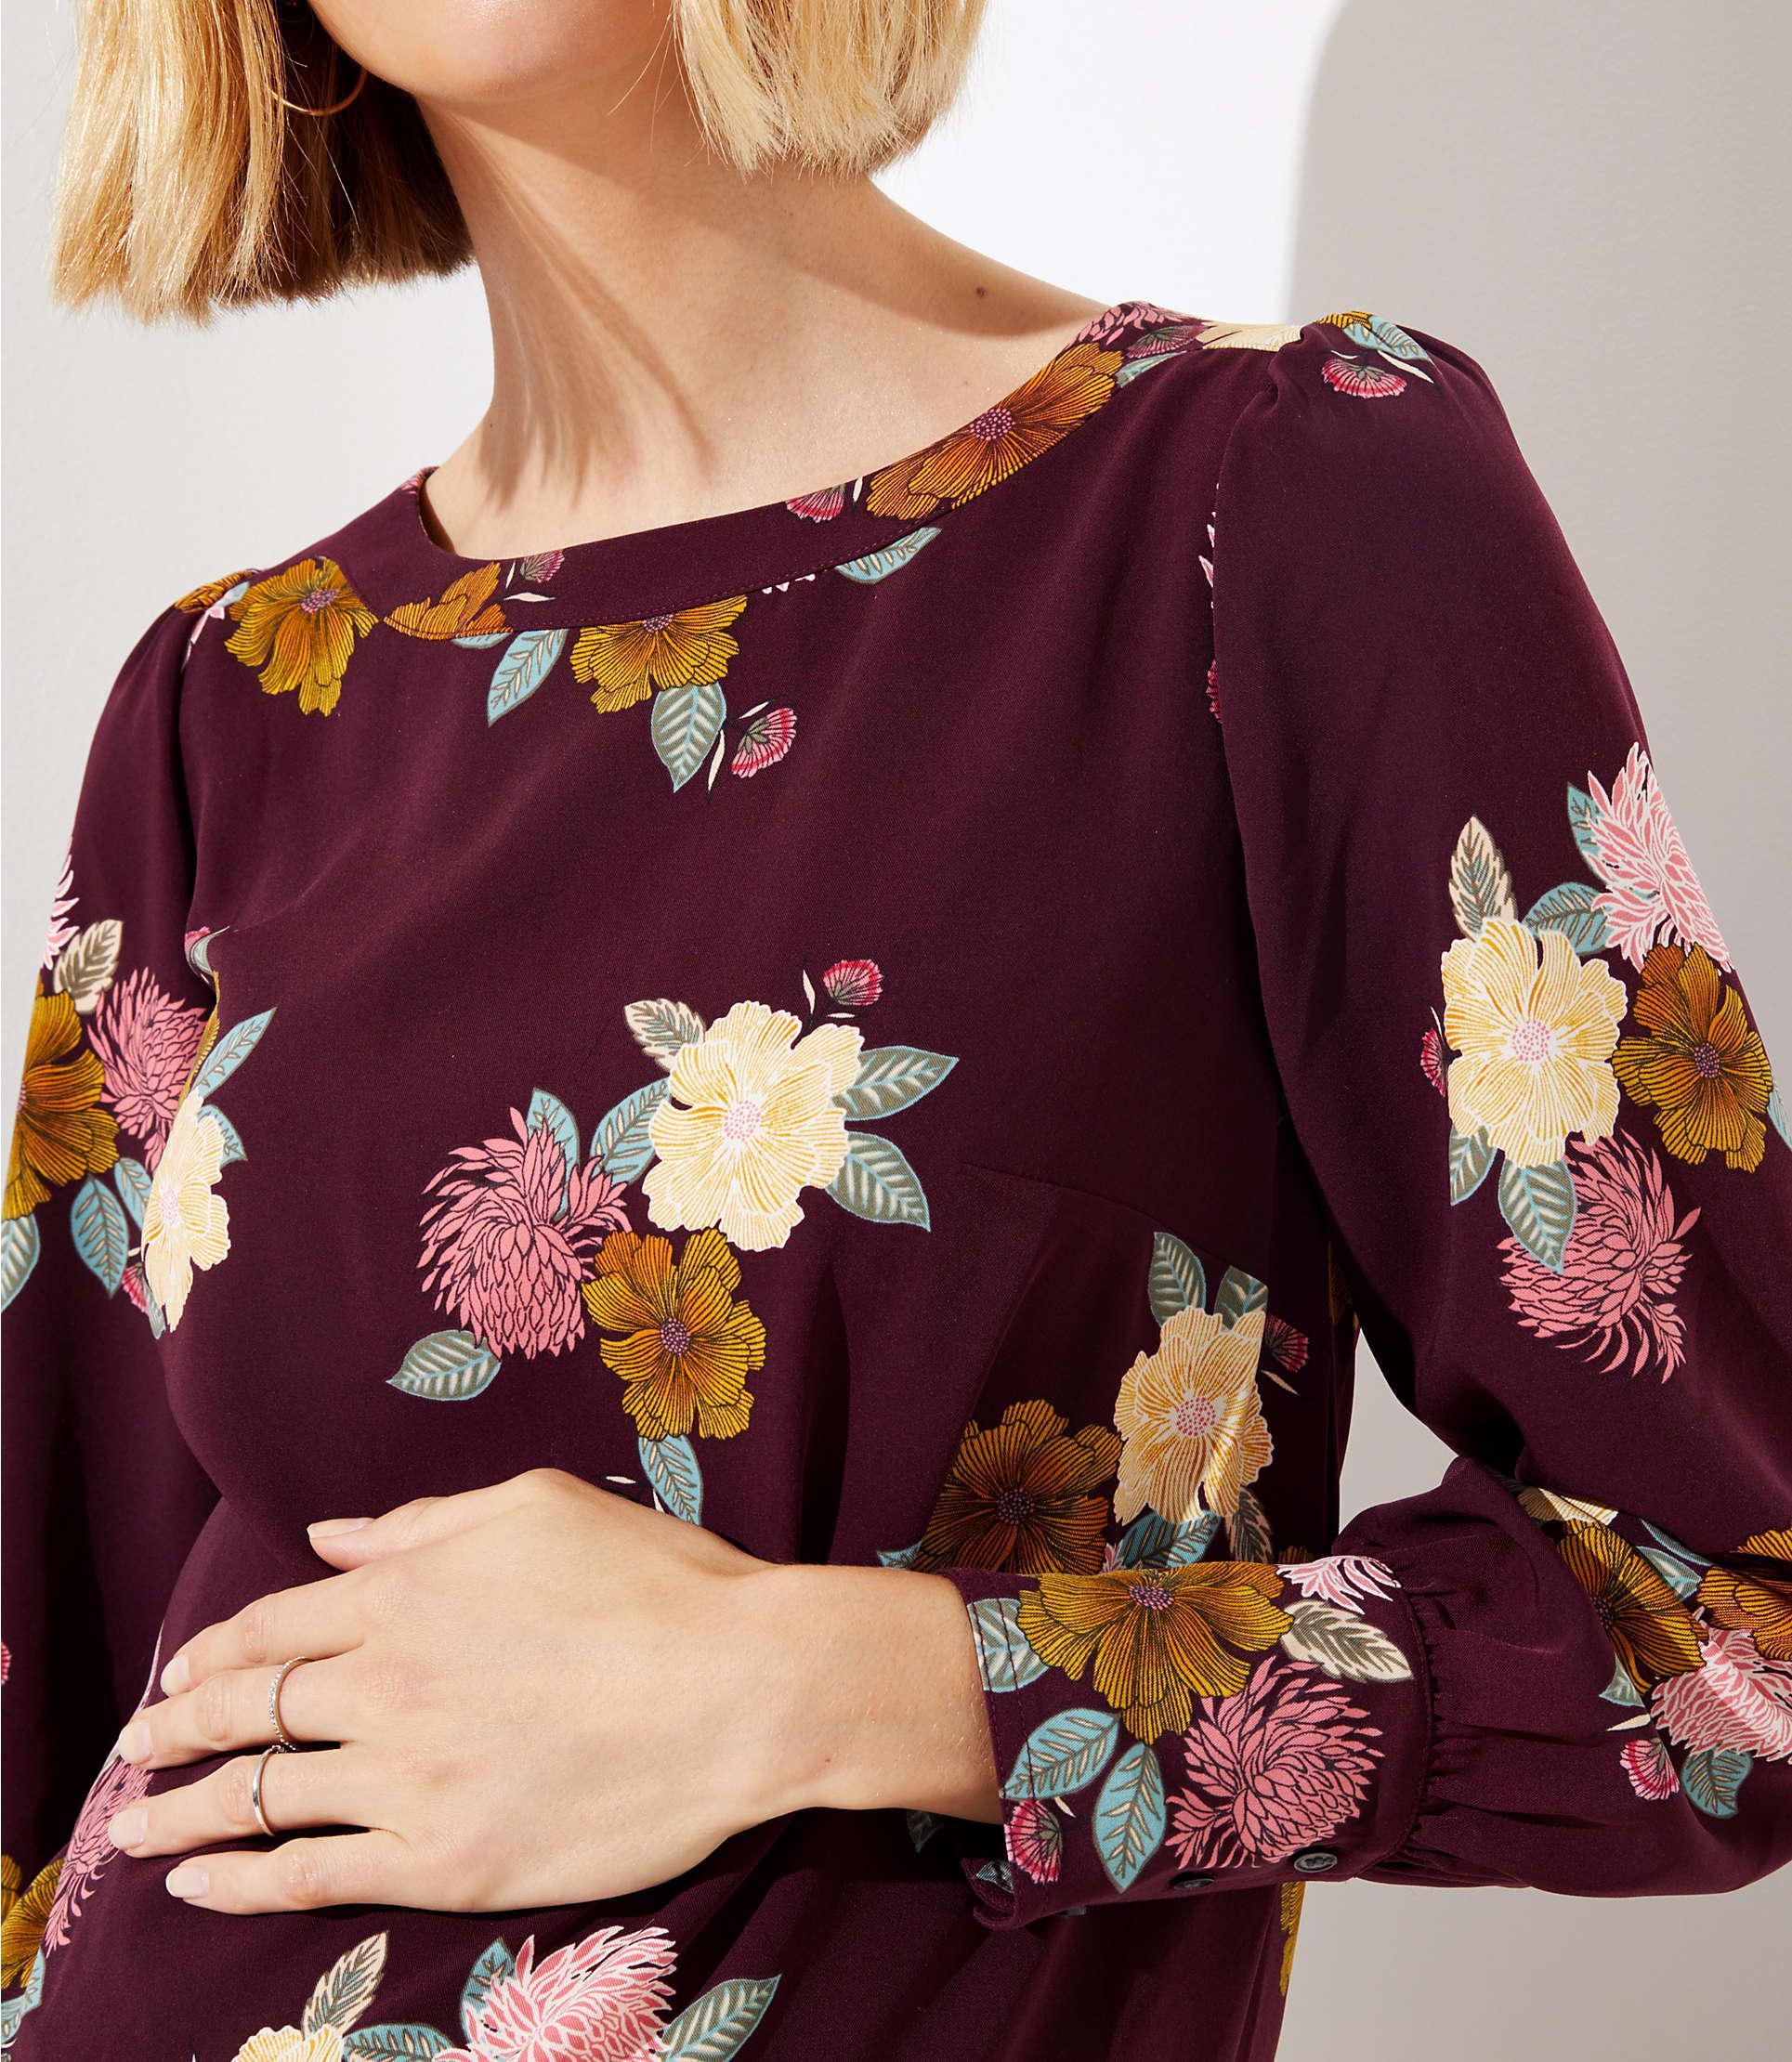 cec6afcf11d LOFT - Purple Maternity Floral Cuffed Shift Dress - Lyst. View fullscreen